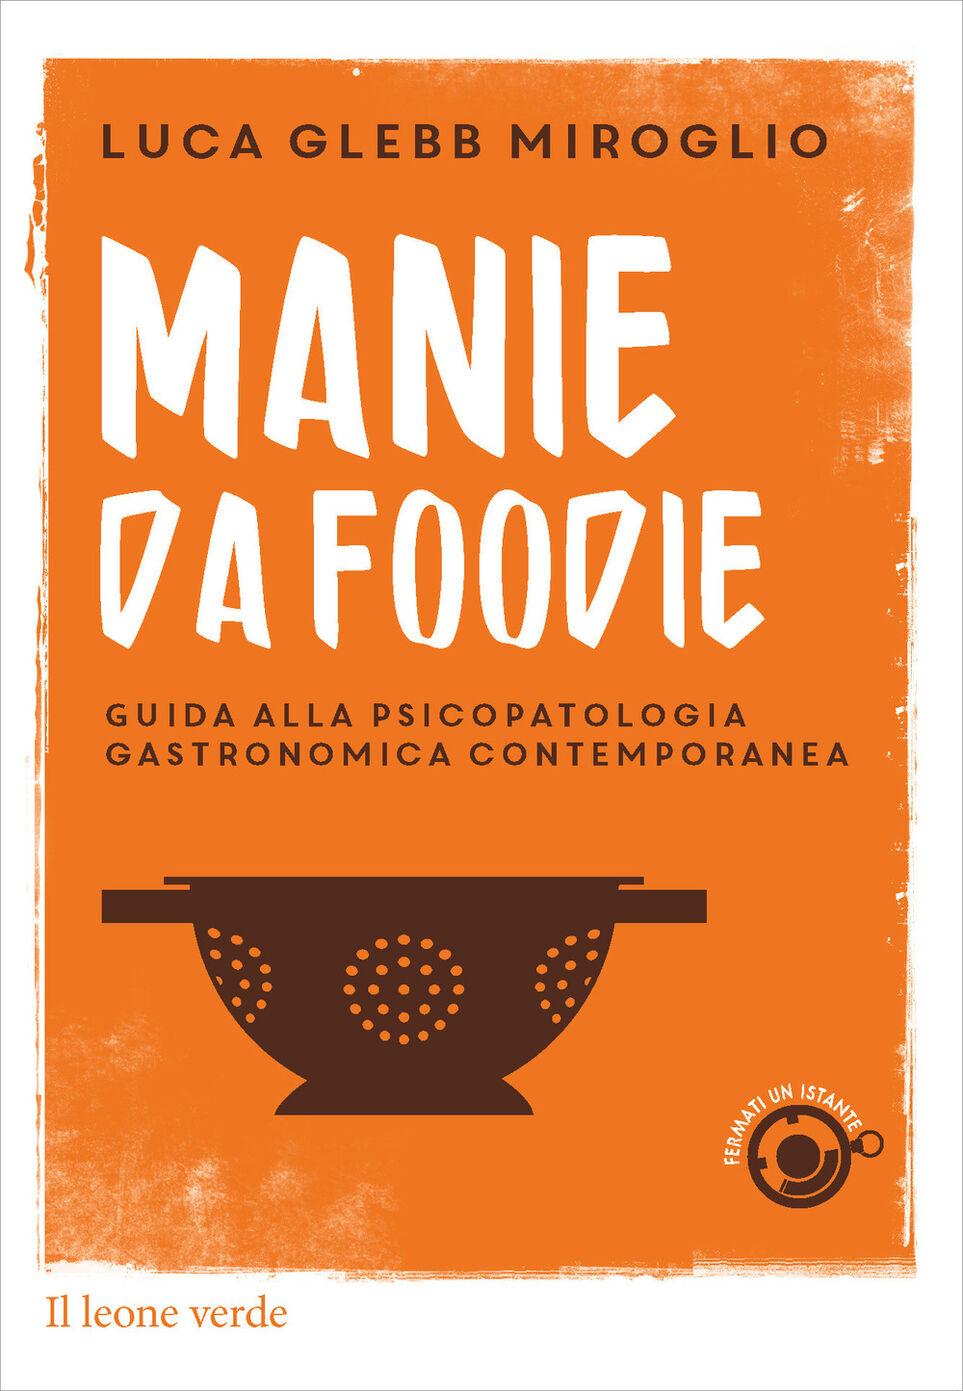 Manie da foodie. Guide alla psicopatologia gastronomica contemporanea